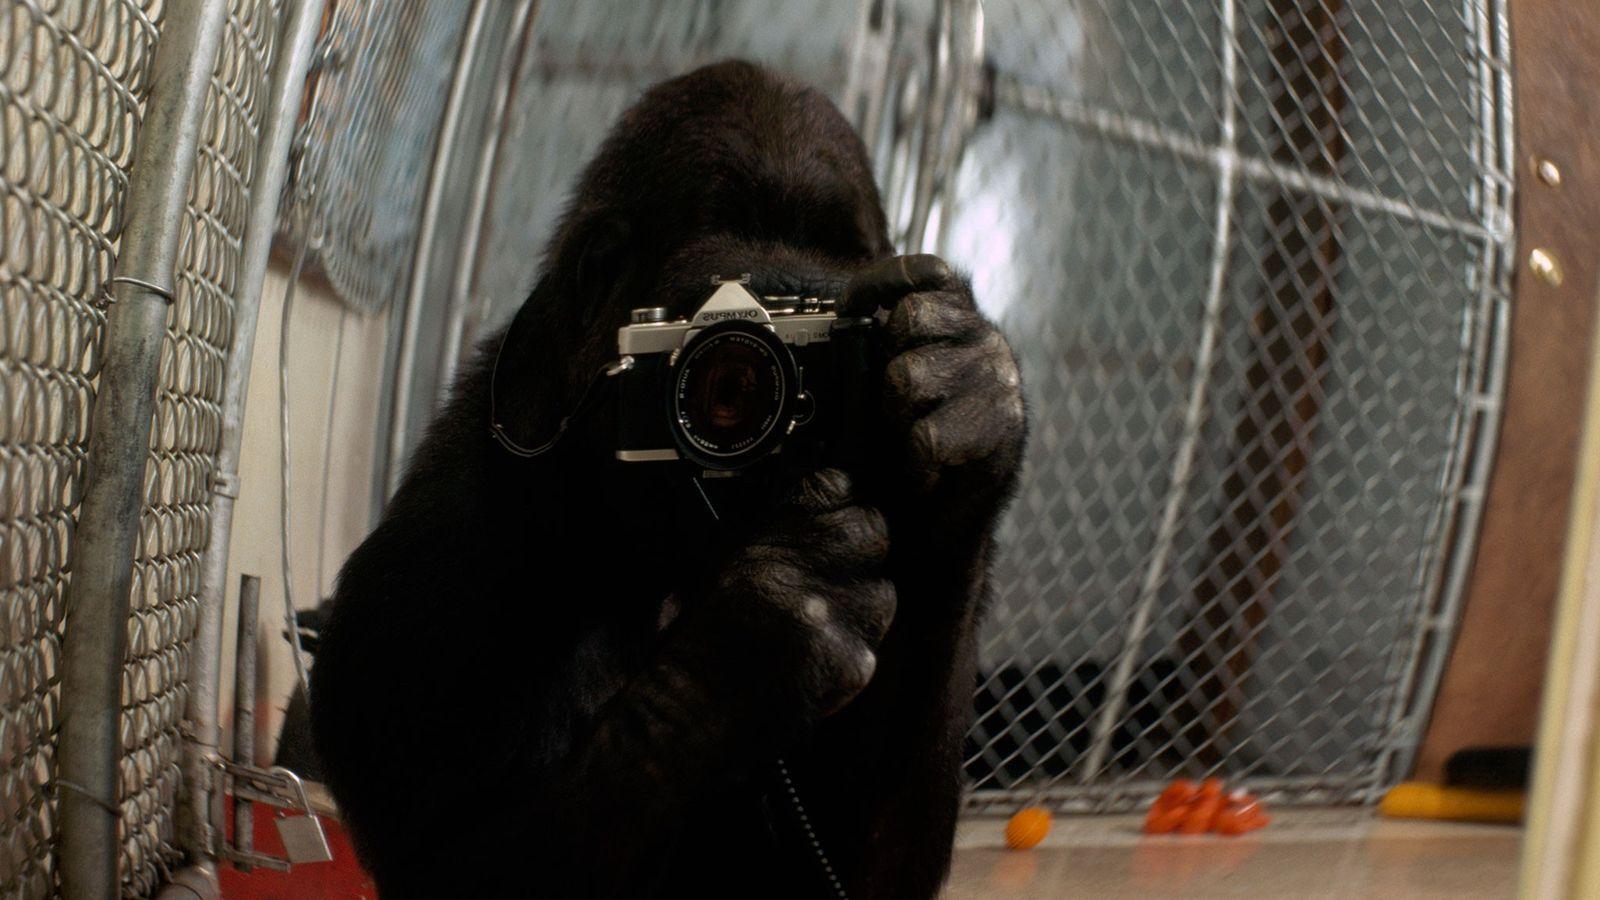 Koko tira um autorretrato com uma câmera de 35 mm.